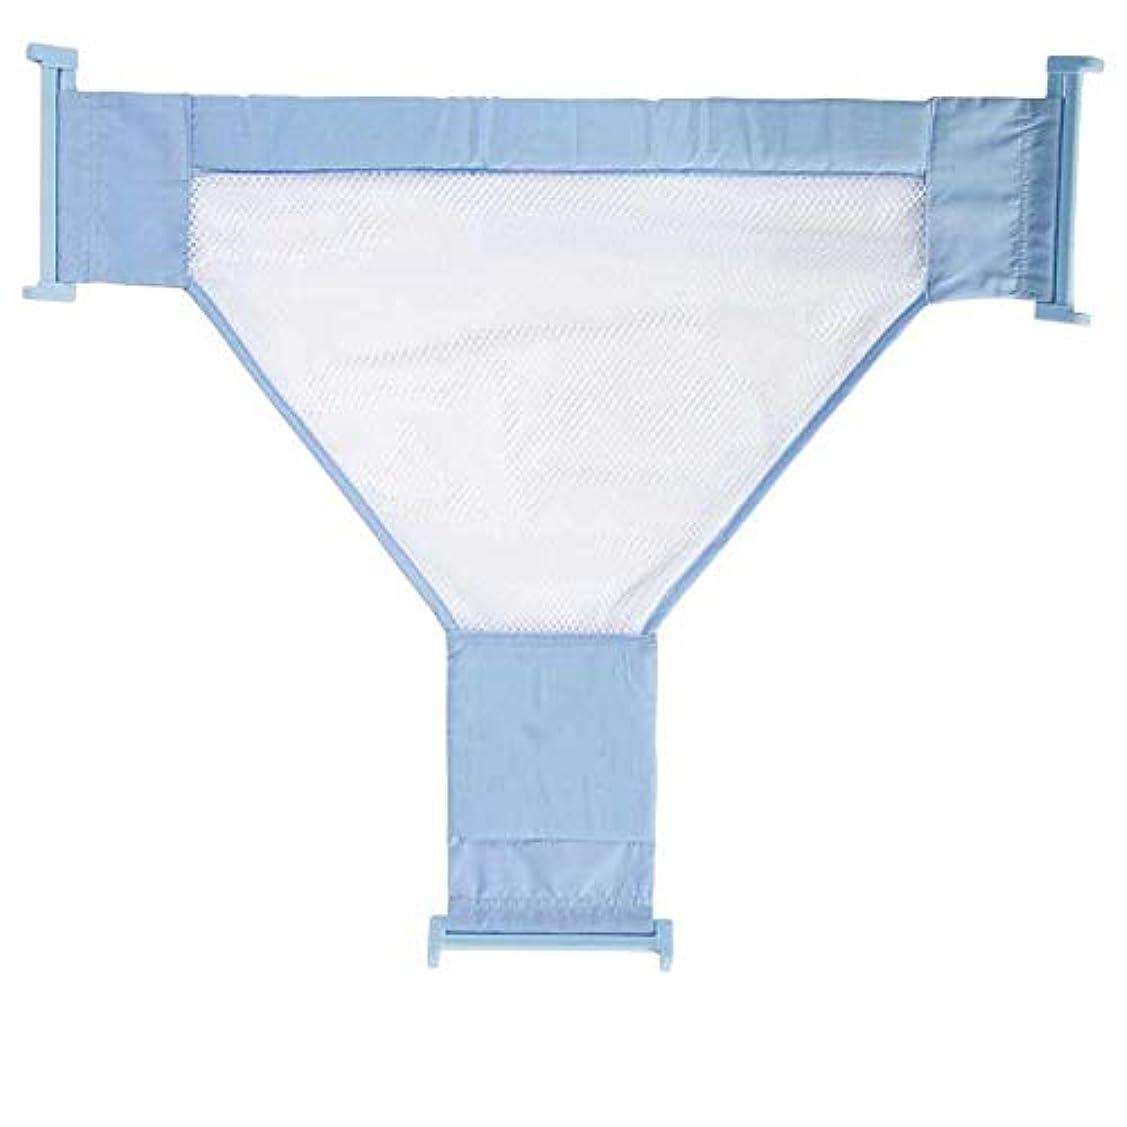 嫌なワーディアンケースリップOniorT型 調節可能 浴室 ネット 安全 防護 浴槽網 ネットカバー 入浴 サスペンダー 滑り止め 浴槽網 青